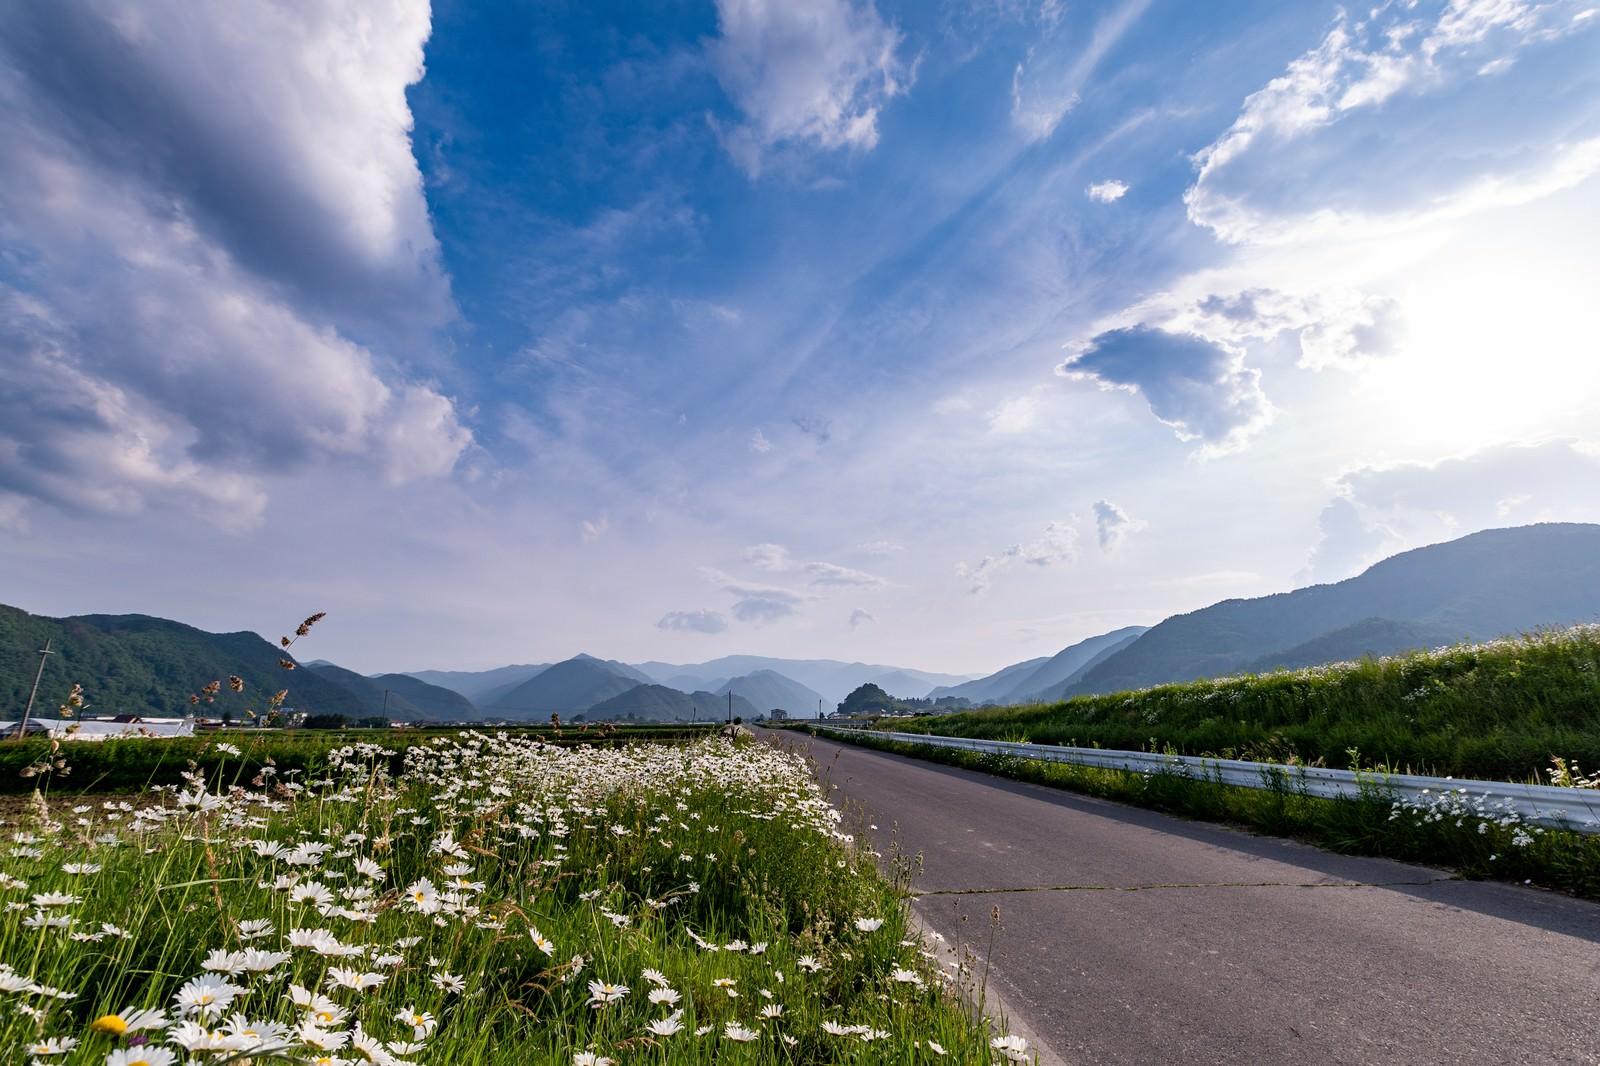 「どこまでも続く一本道沿いに咲く除虫菊」の写真